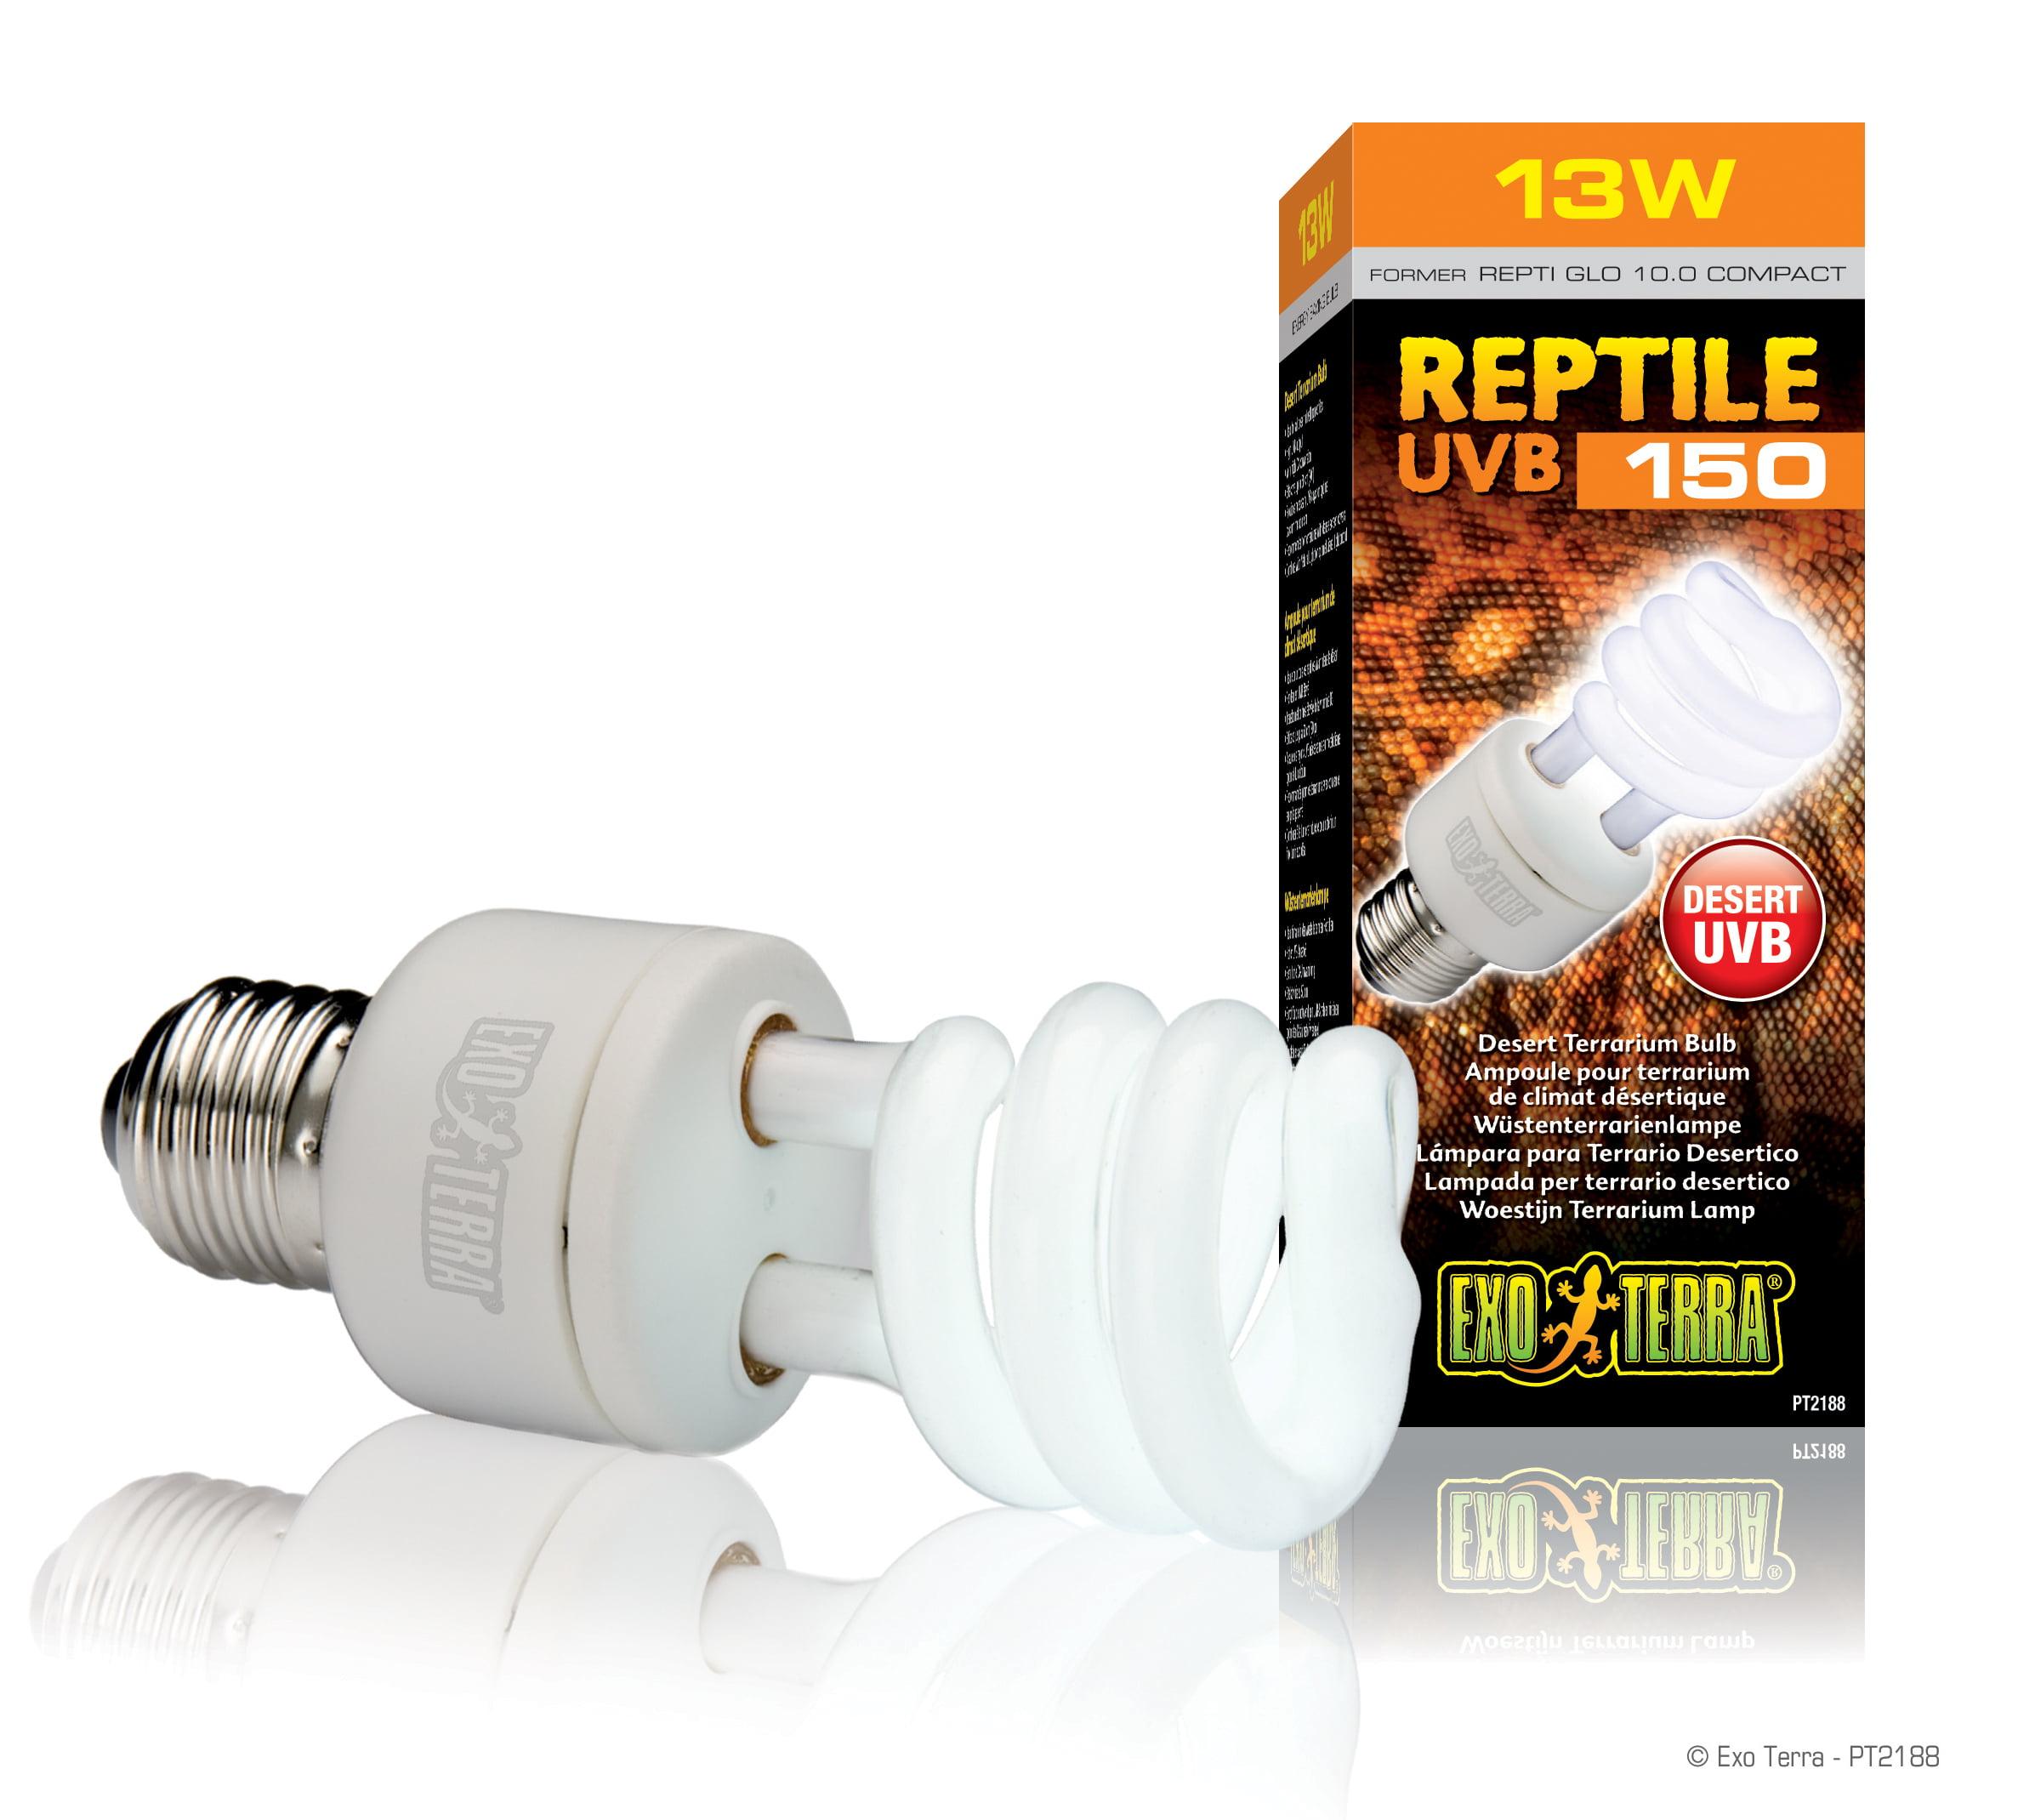 Ex Repti Glo 10.0 Woestijnlamp 13w